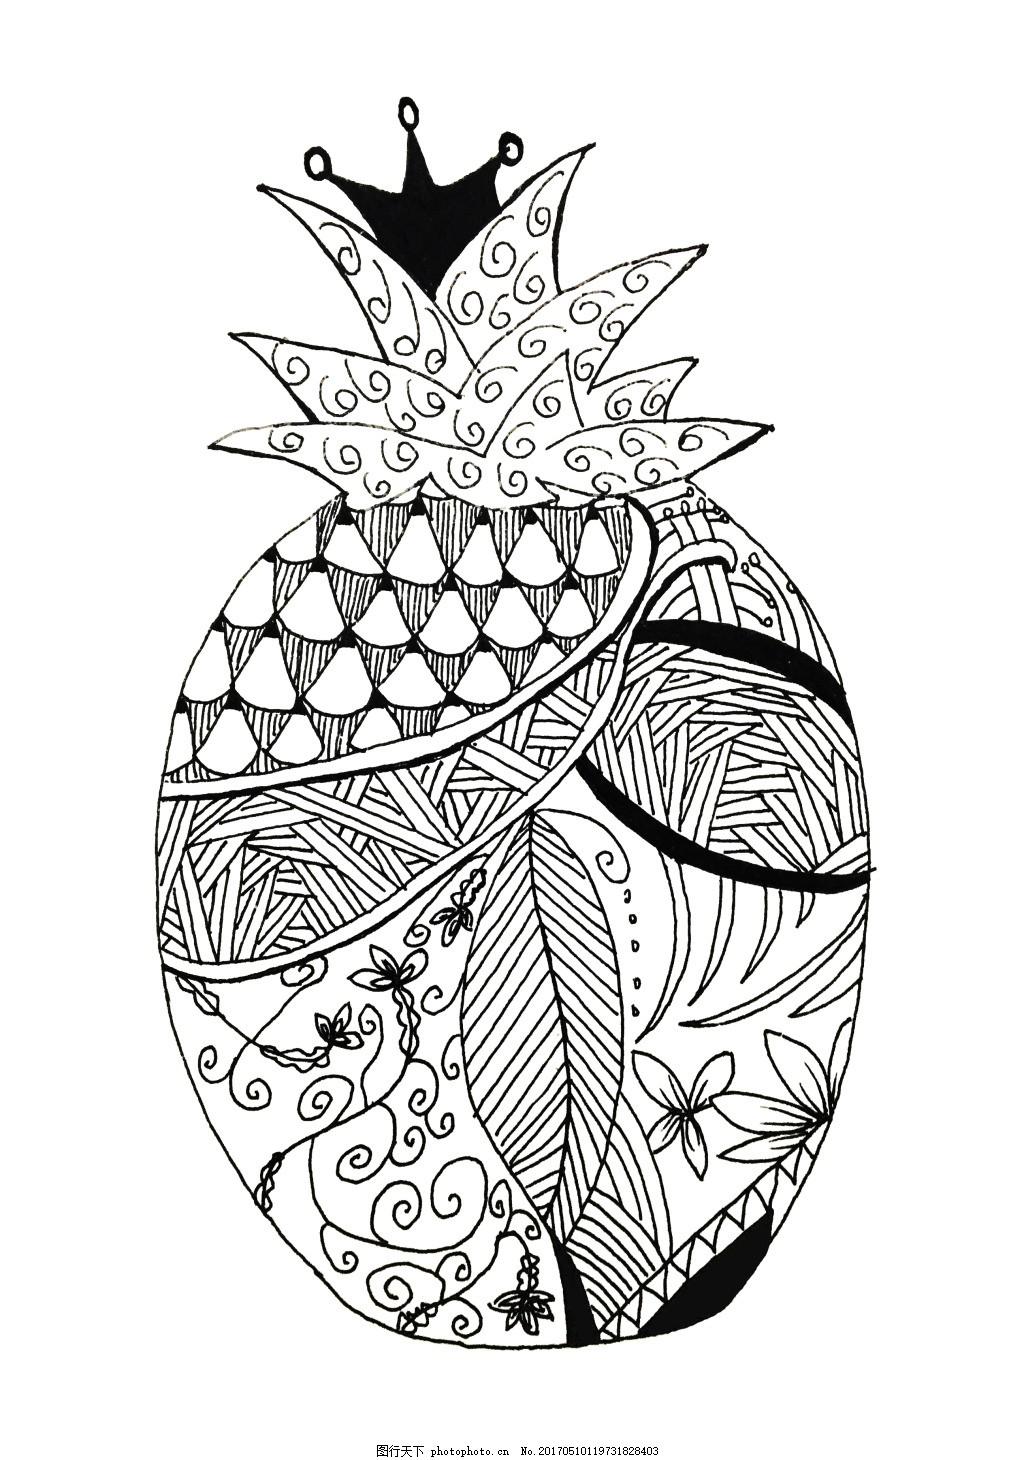 菠萝创意元素 线条 装饰 圈花 叶子 草 手绘